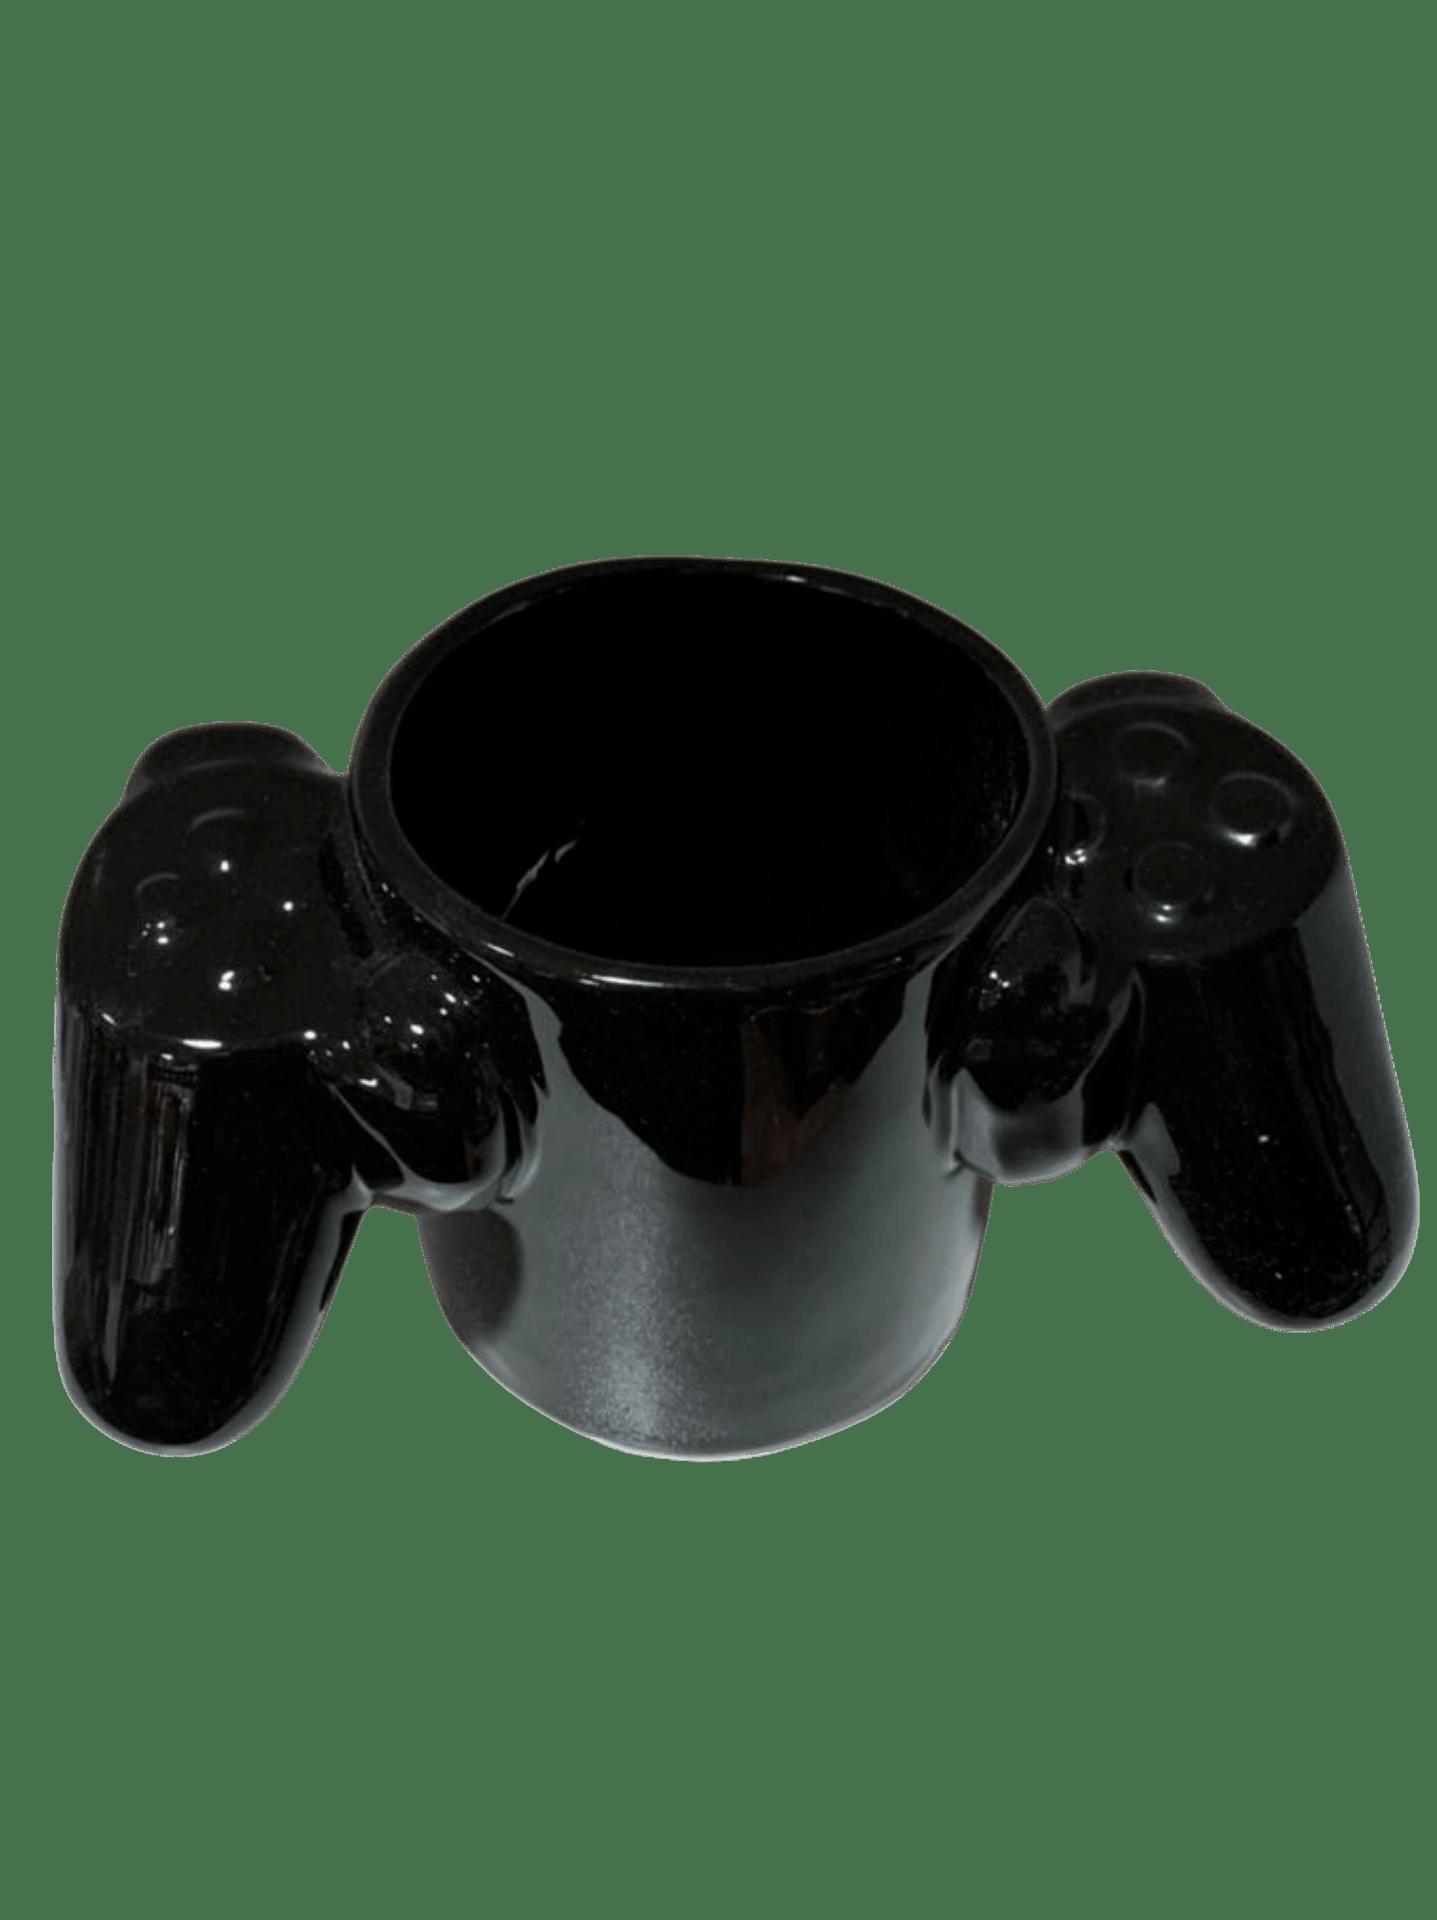 Caneca Video Game Over Porcelana Criativa Controle Remoto